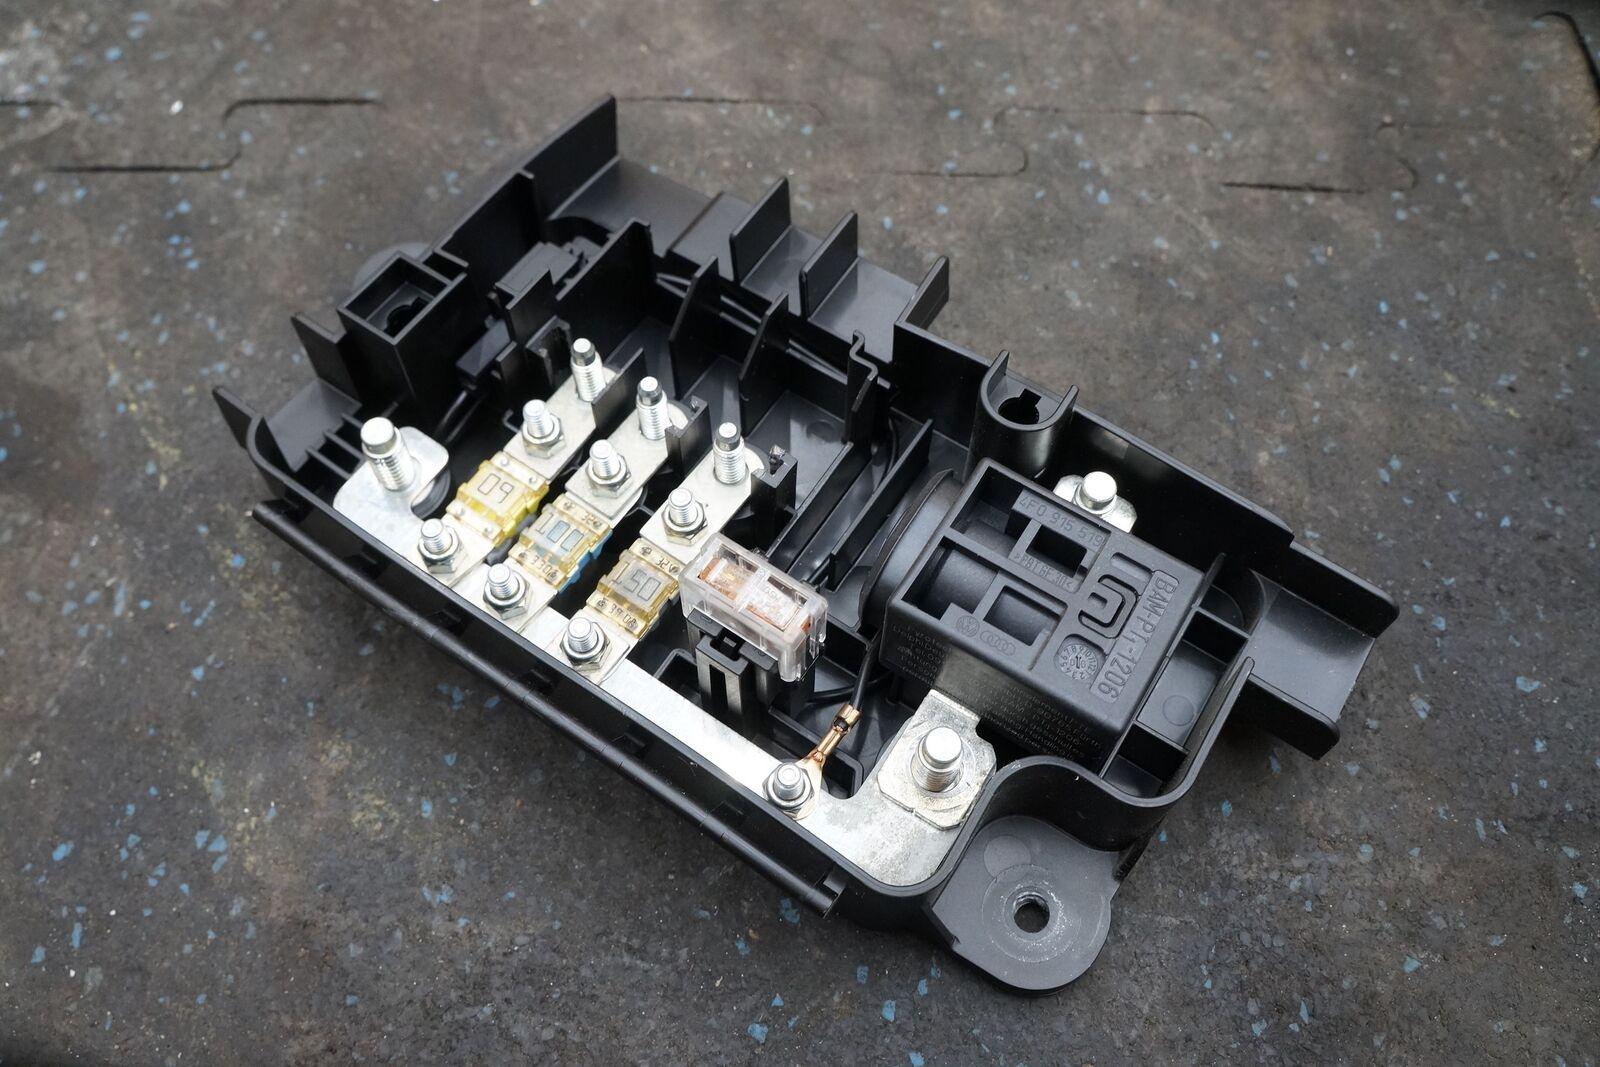 Bmw X5 Battery Fuse Replacement Naperville Aurora E53 Box E70 20072013 U003c Diagram